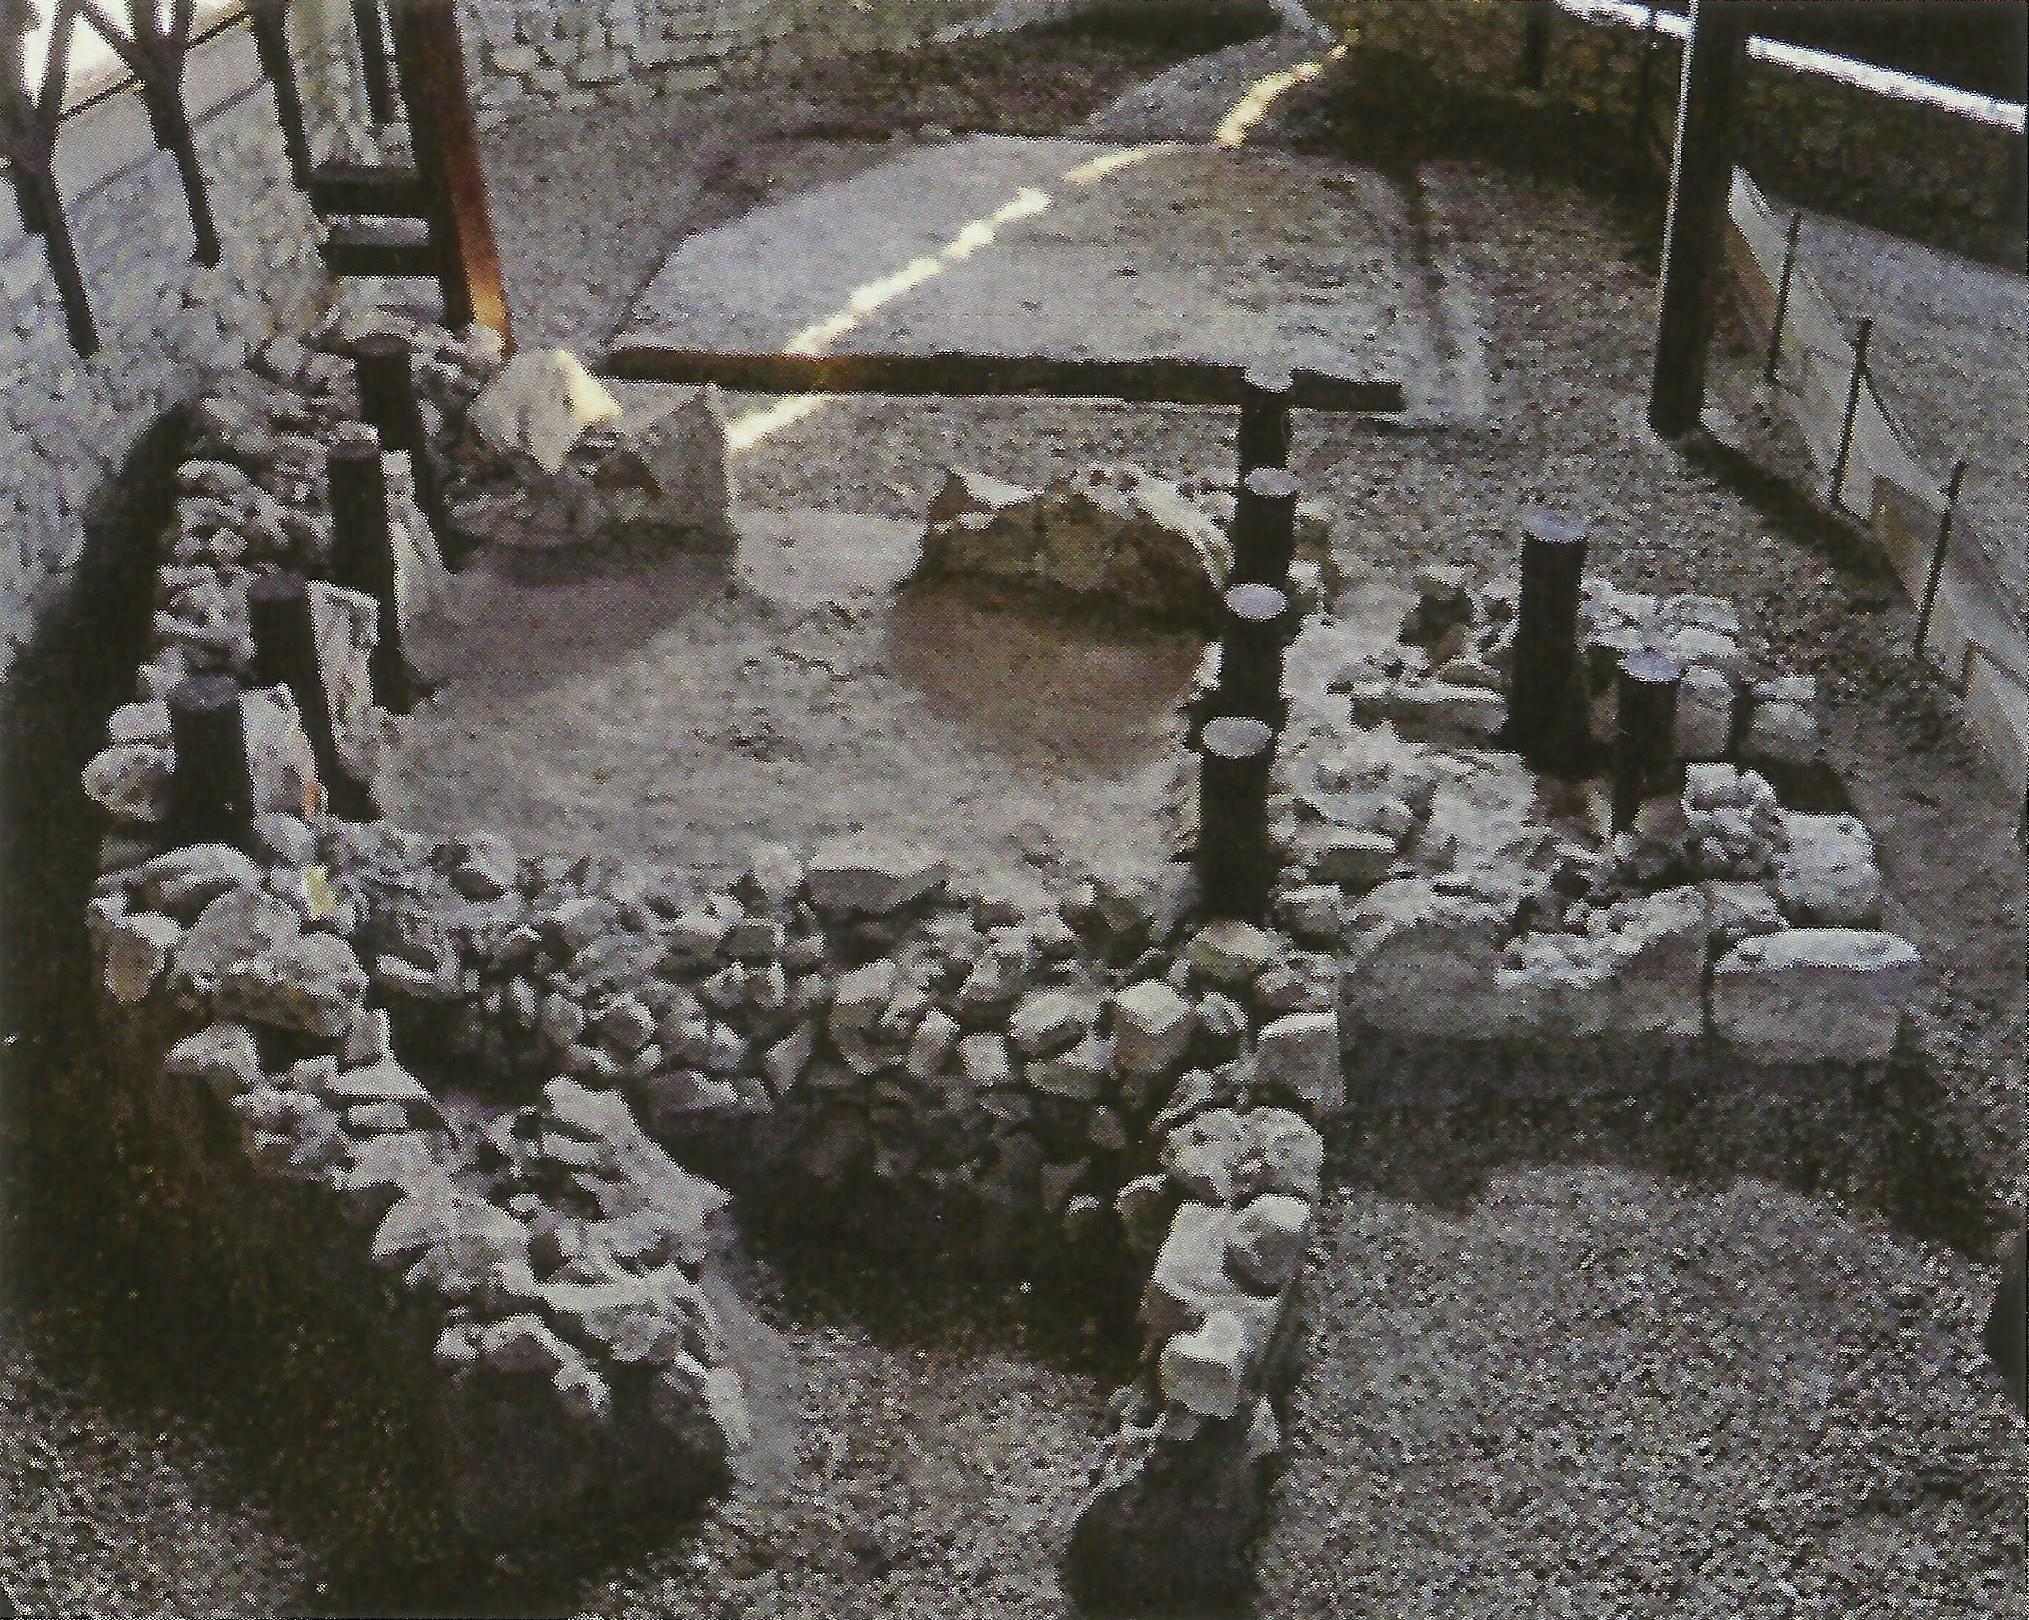 Súčasný stav kresťanskej stavby prezentovaný verejnosti (objekt III), Bratislava-Devín